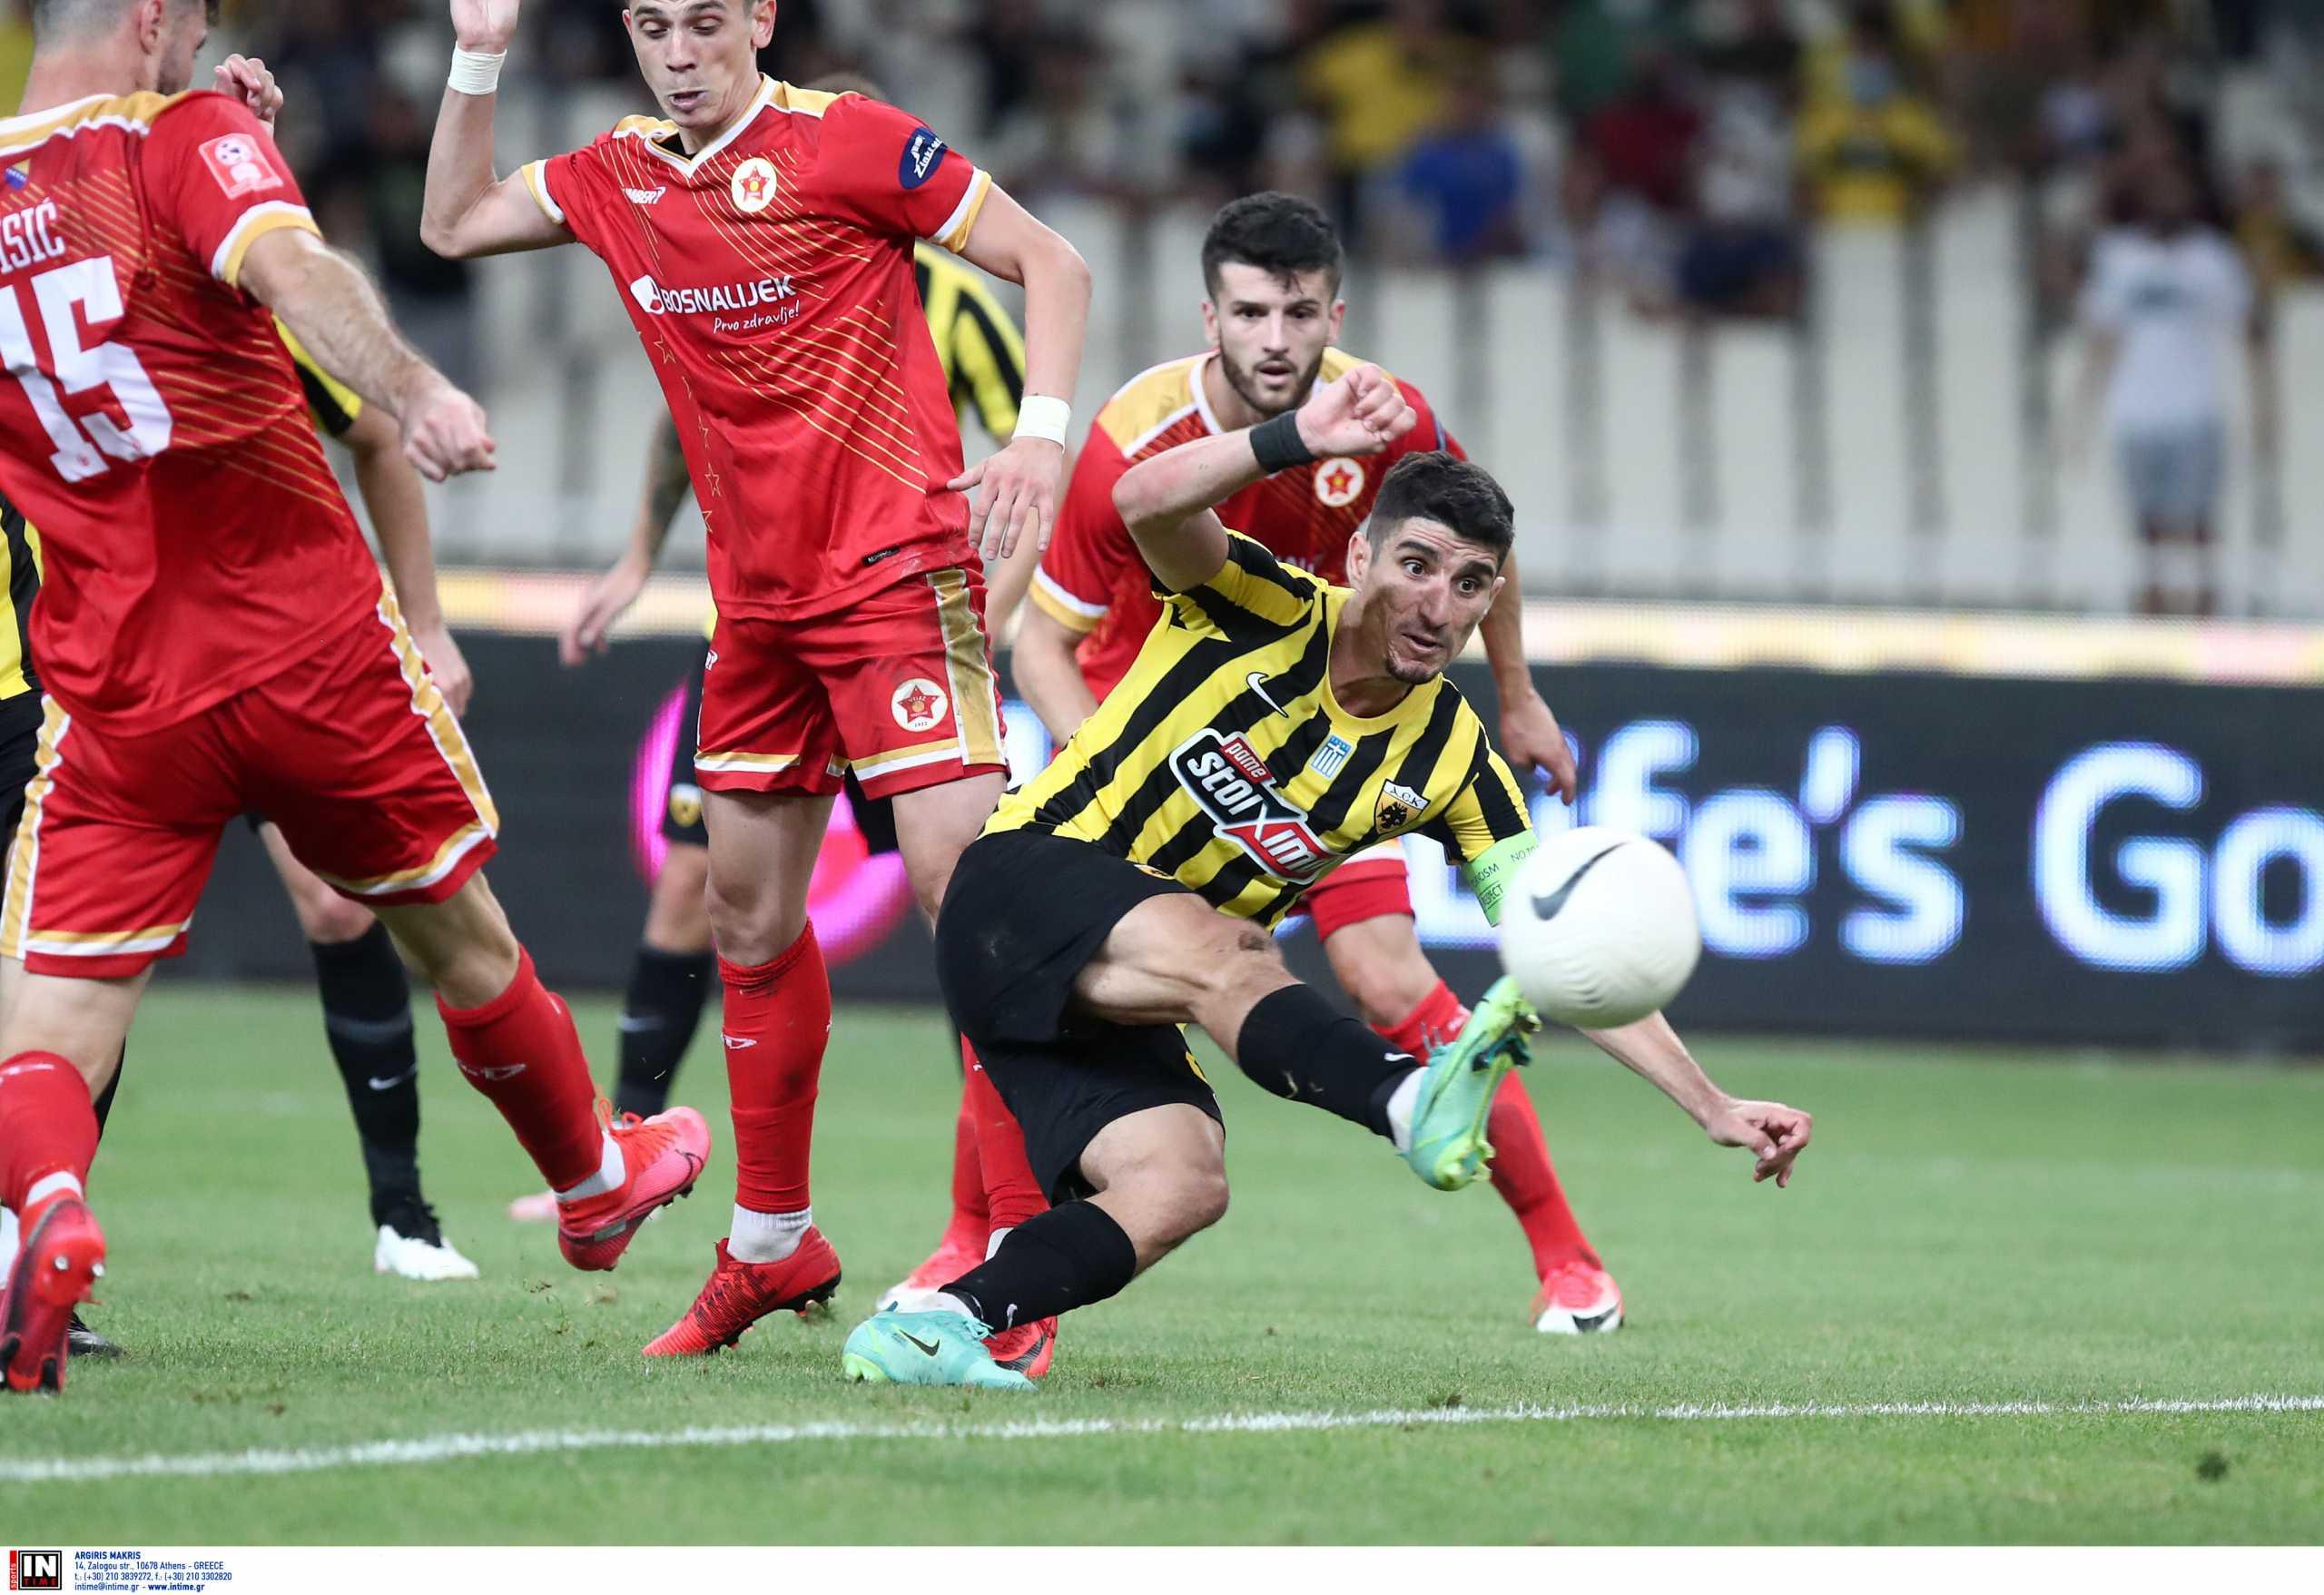 ΑΕΚ – Βελέζ: Το «χρυσό» γκολ του Μάνταλου έστειλε το ματς στην παράταση